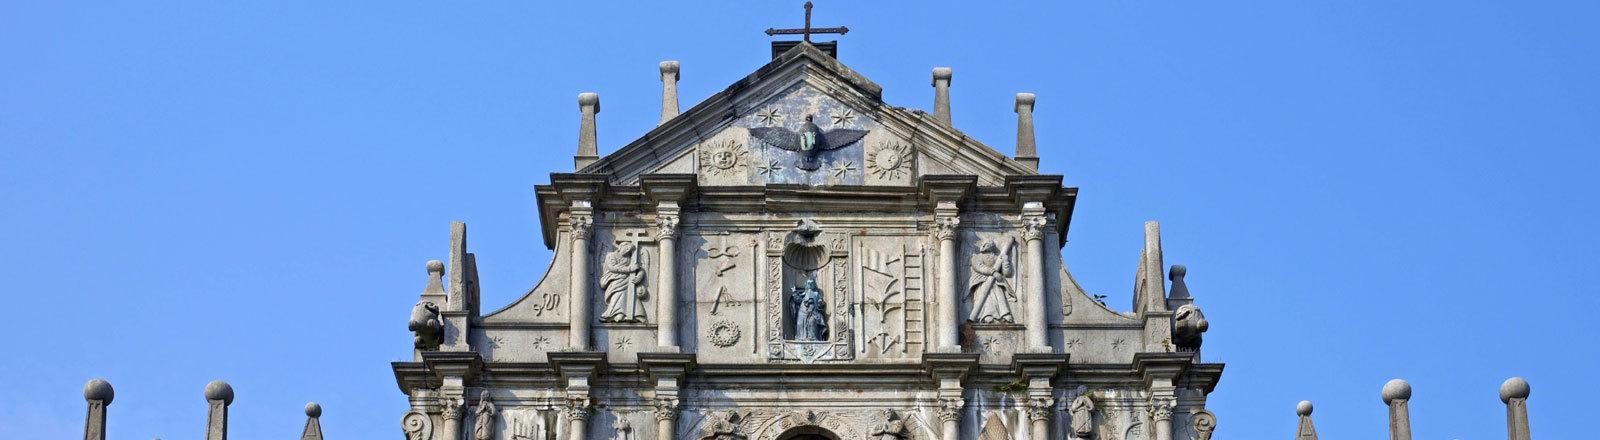 St Paul in Macau